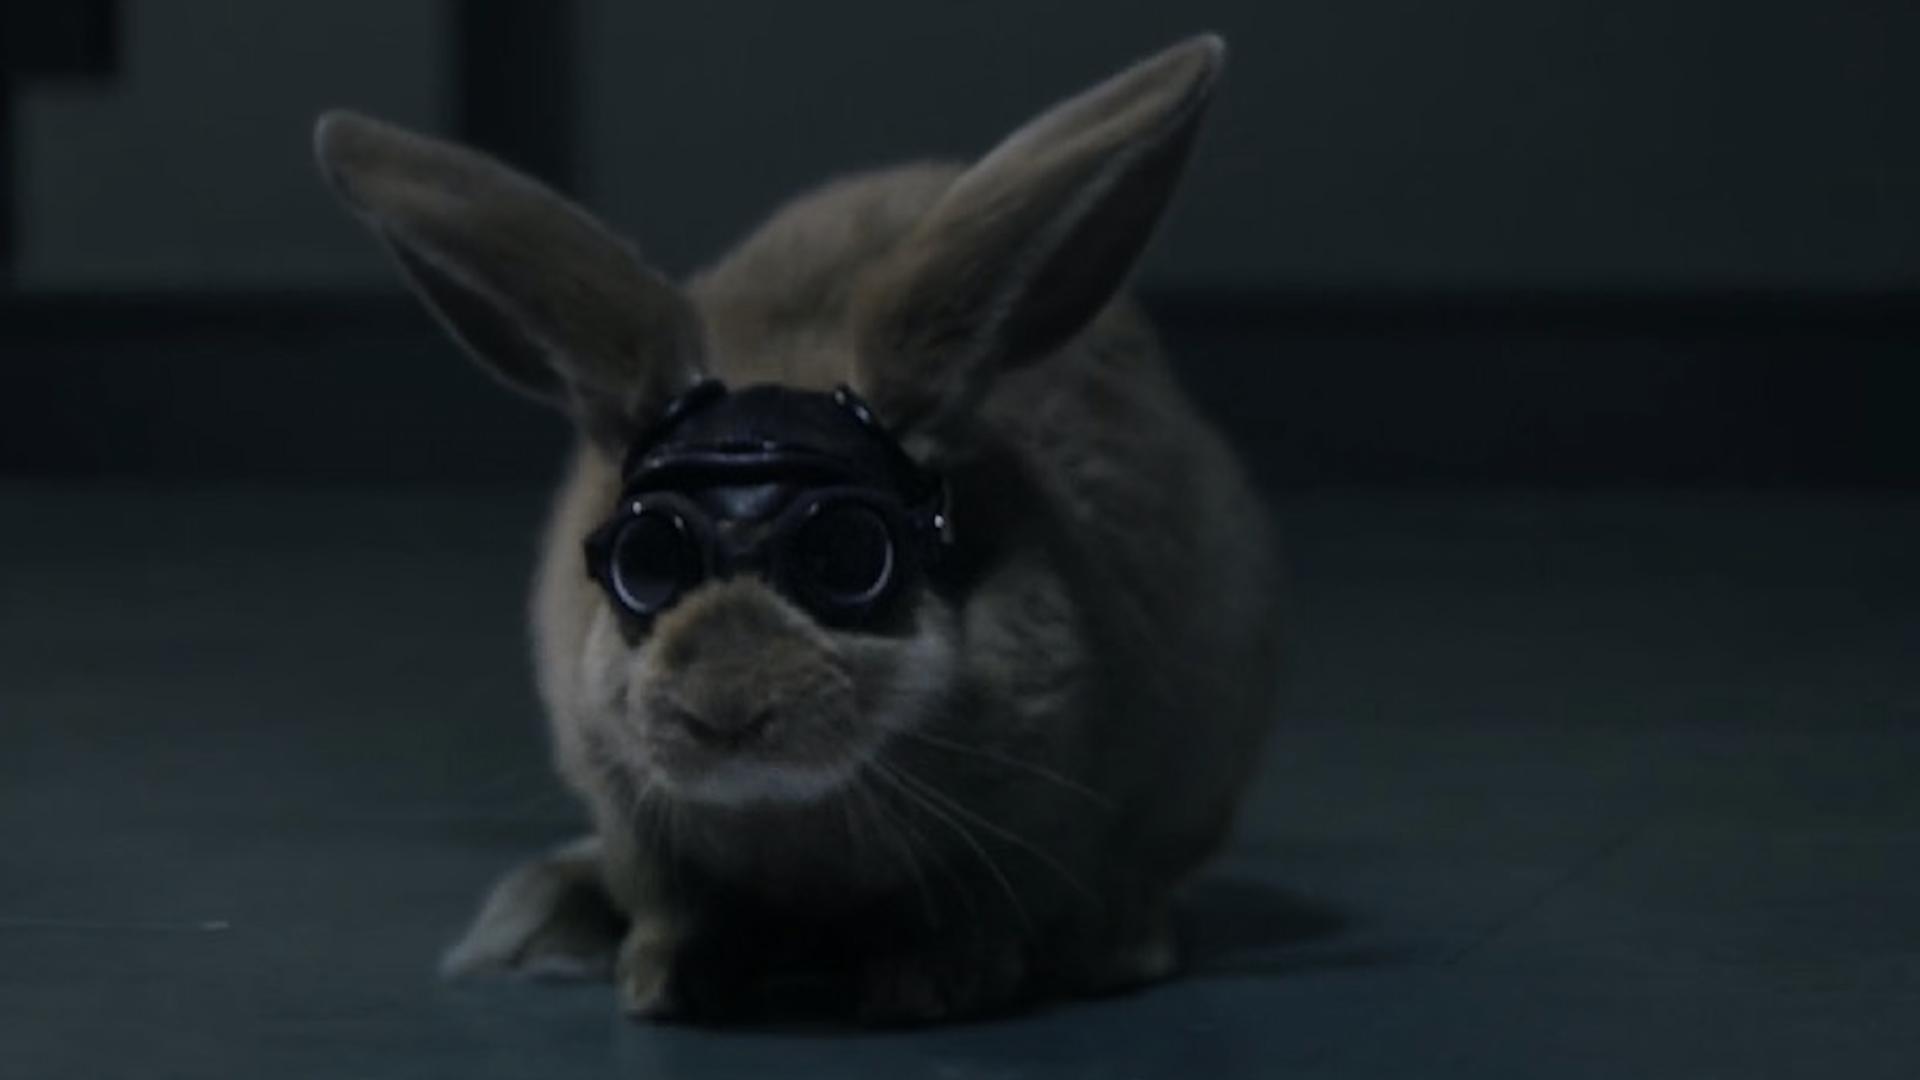 volkswagen - rabbit